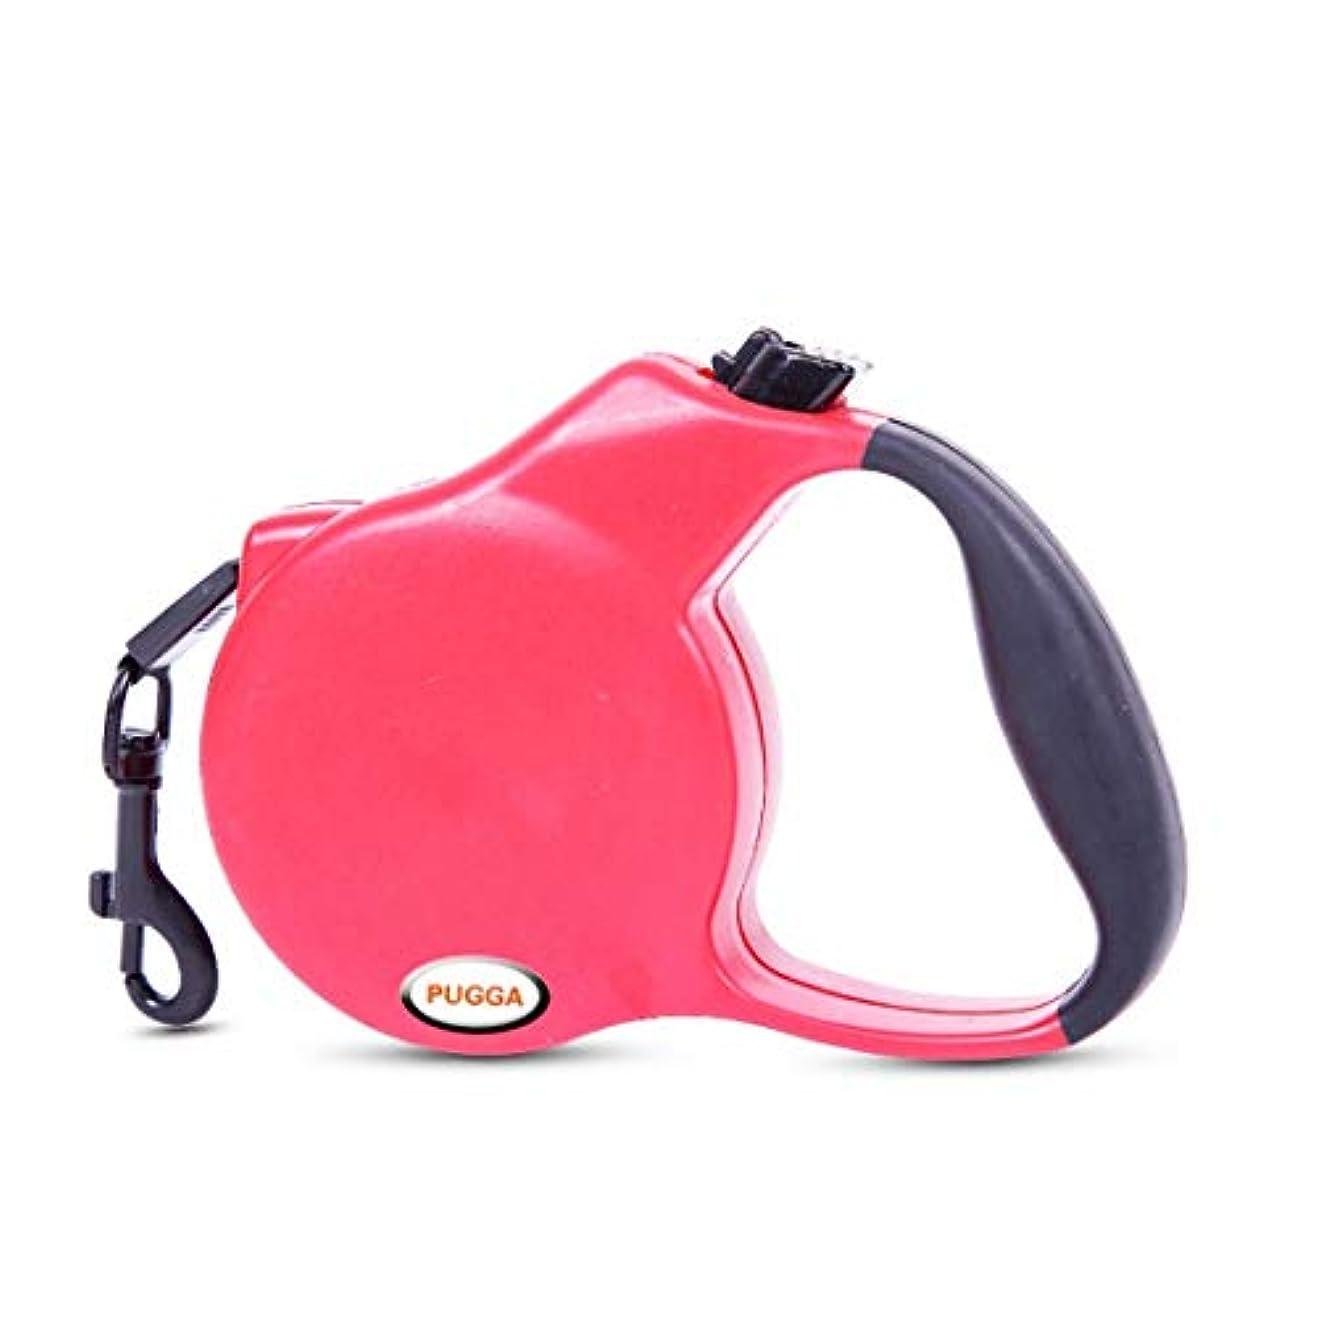 ディスク自治ストレスの多いJOYS CLOTHING ペットの引き込み式の犬の鎖、小型犬の鎖の手の握り1つのボタンブレーキ及びロック (Color : Red)